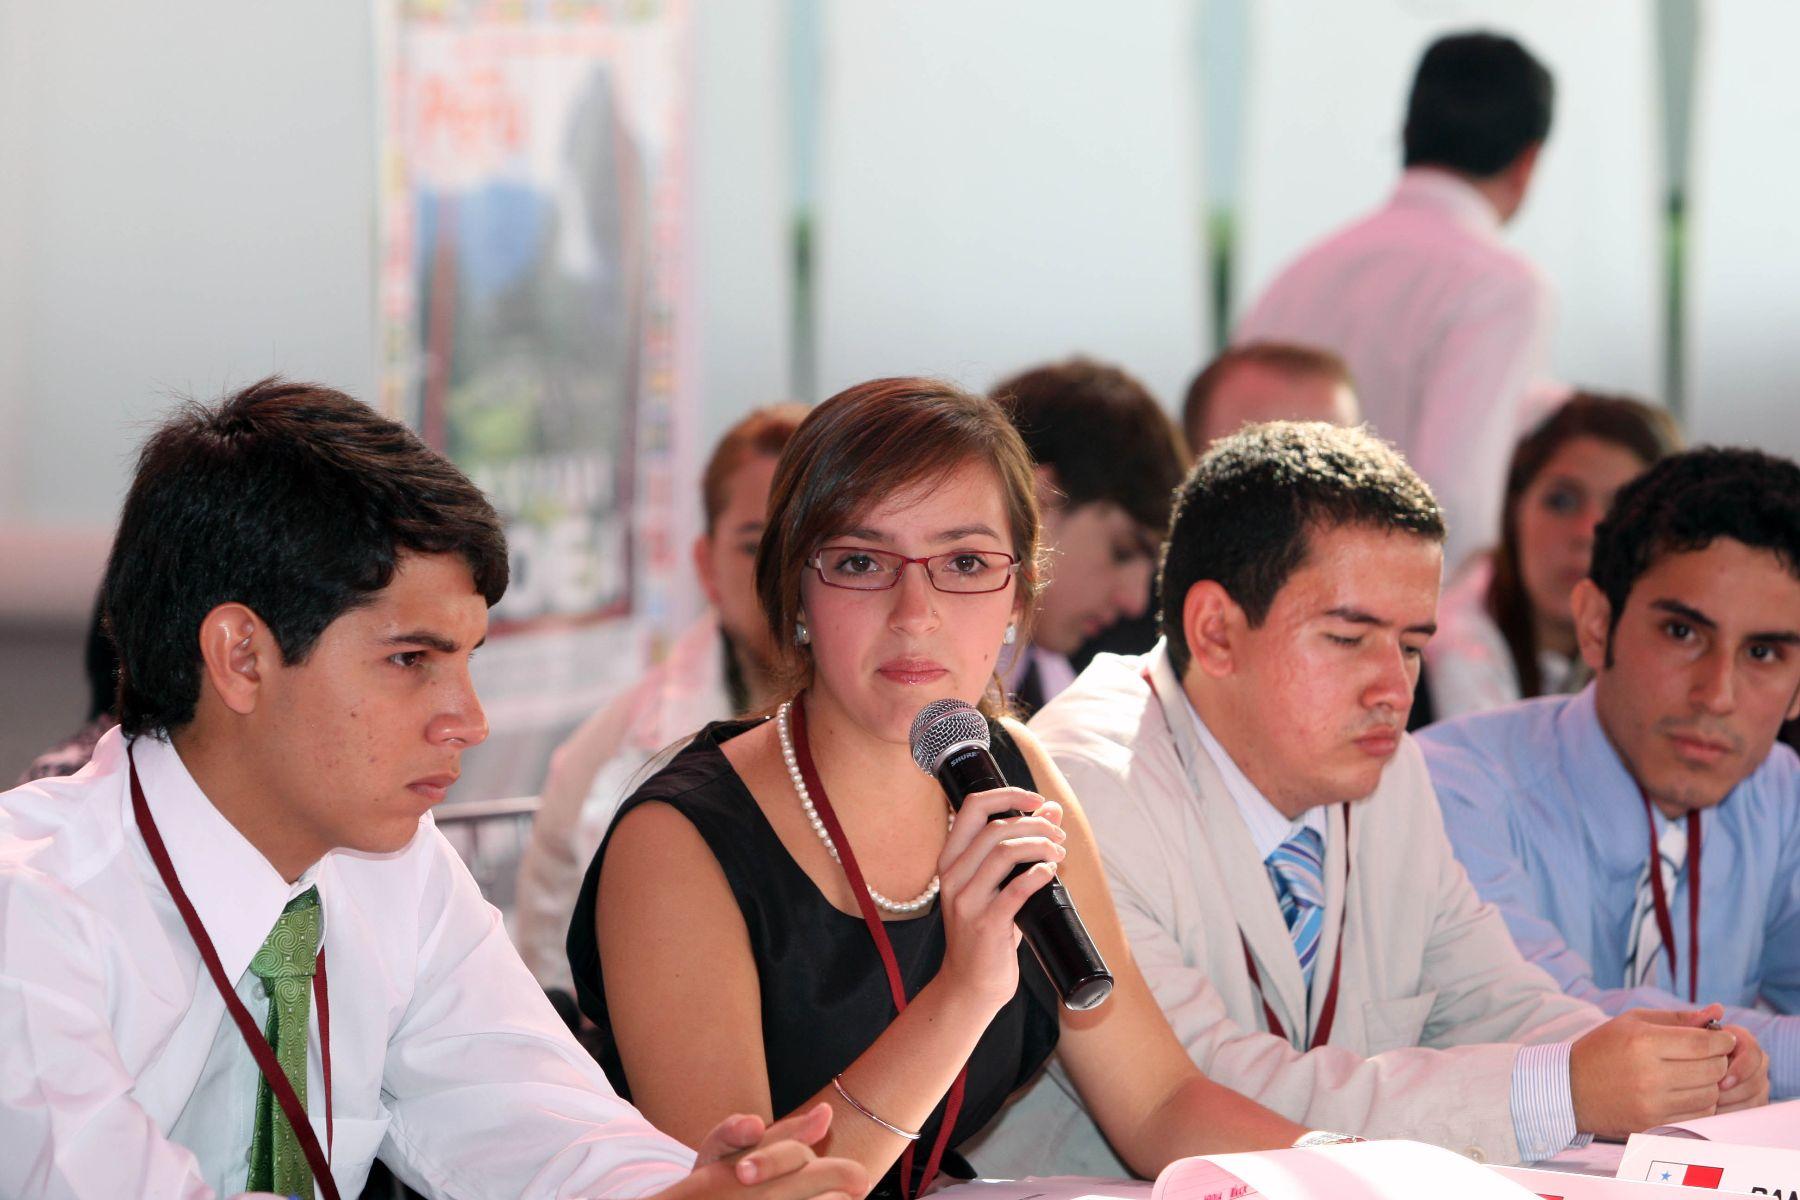 Delegados de los paises miembros de la OEA,  participan del XXVIII  Modelo de la Asamblea General de la Organización de Estados Americanos (MOEA) en Lima.Foto: ANDINA/Norman Córdova.